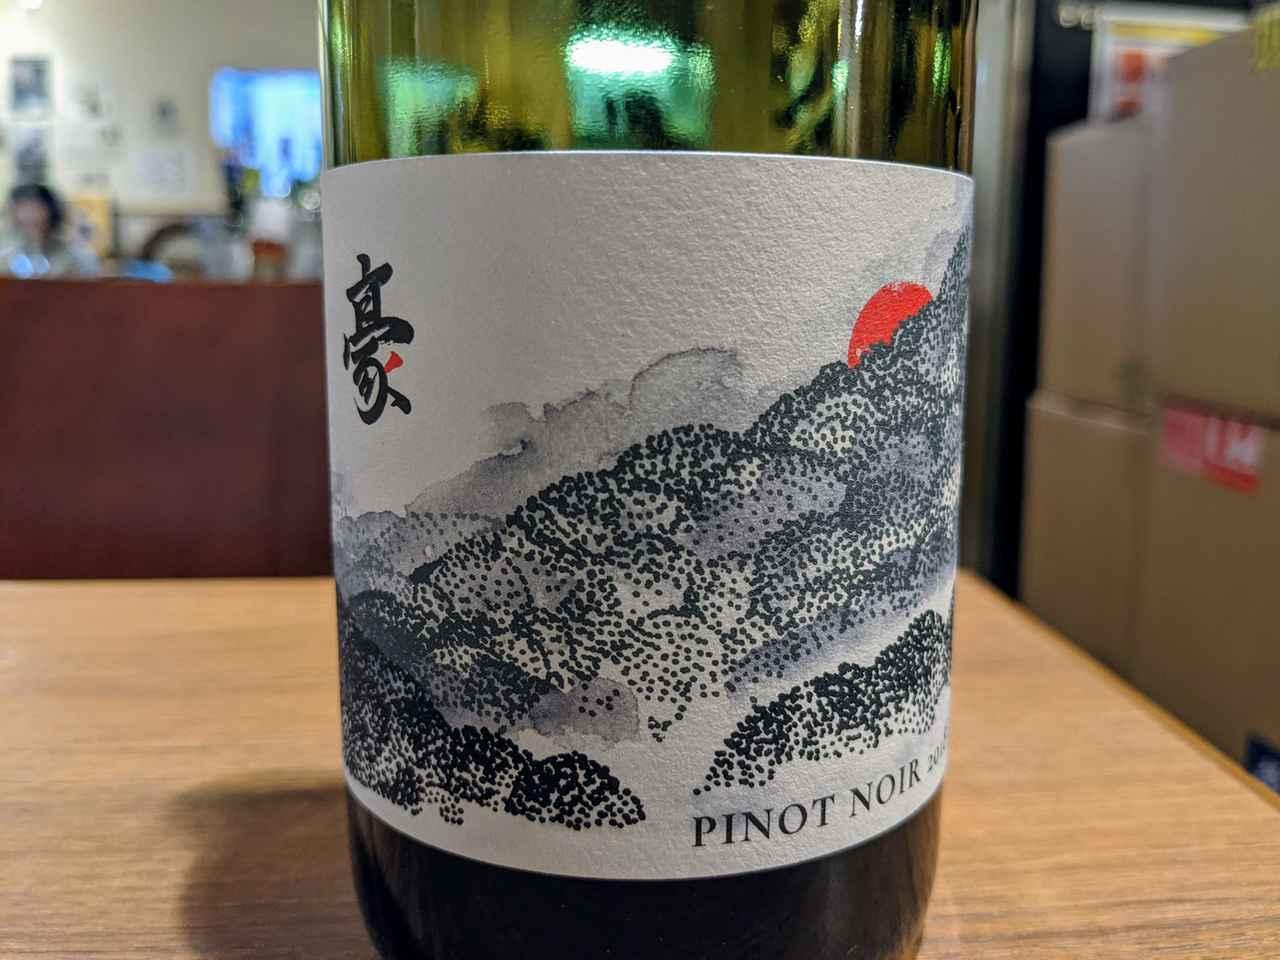 画像: ドメーヌ・ド・モンティーユ&北海道による初リリースワインには日本のピノ・ノワールの新たな可能性を感じました